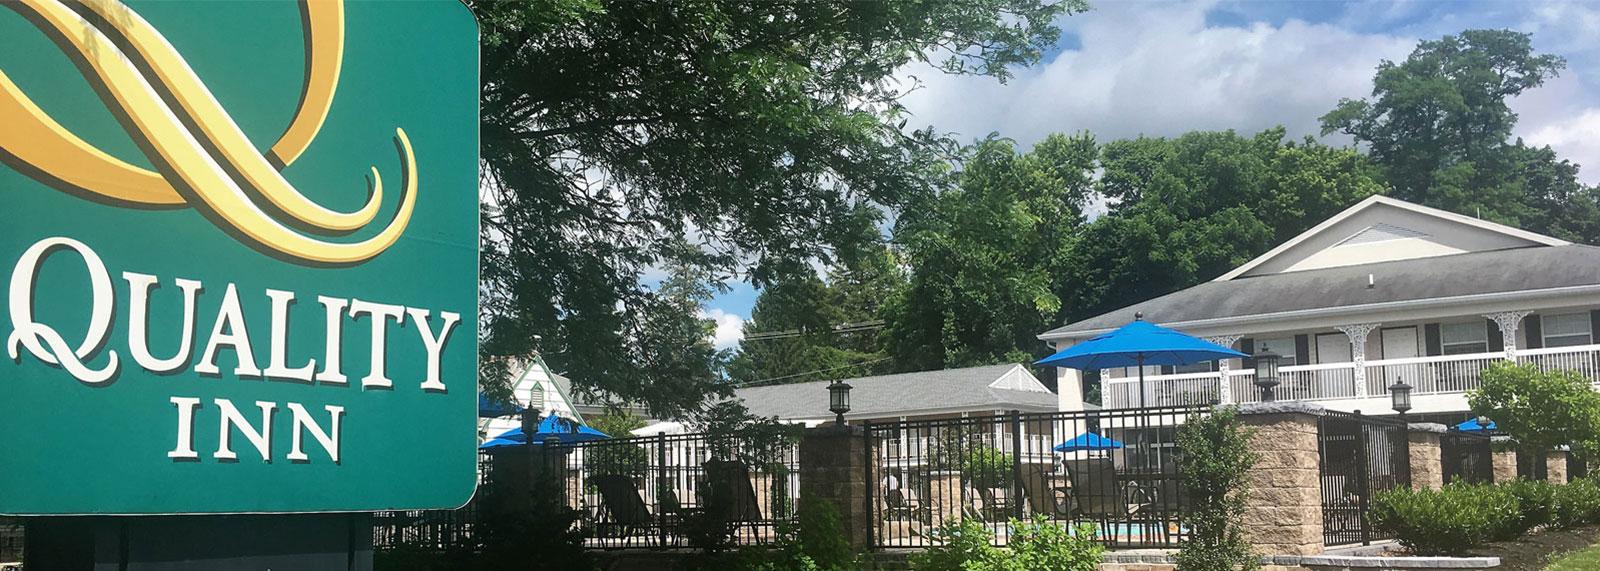 location of Quality Inn Gettysburg Battlefield